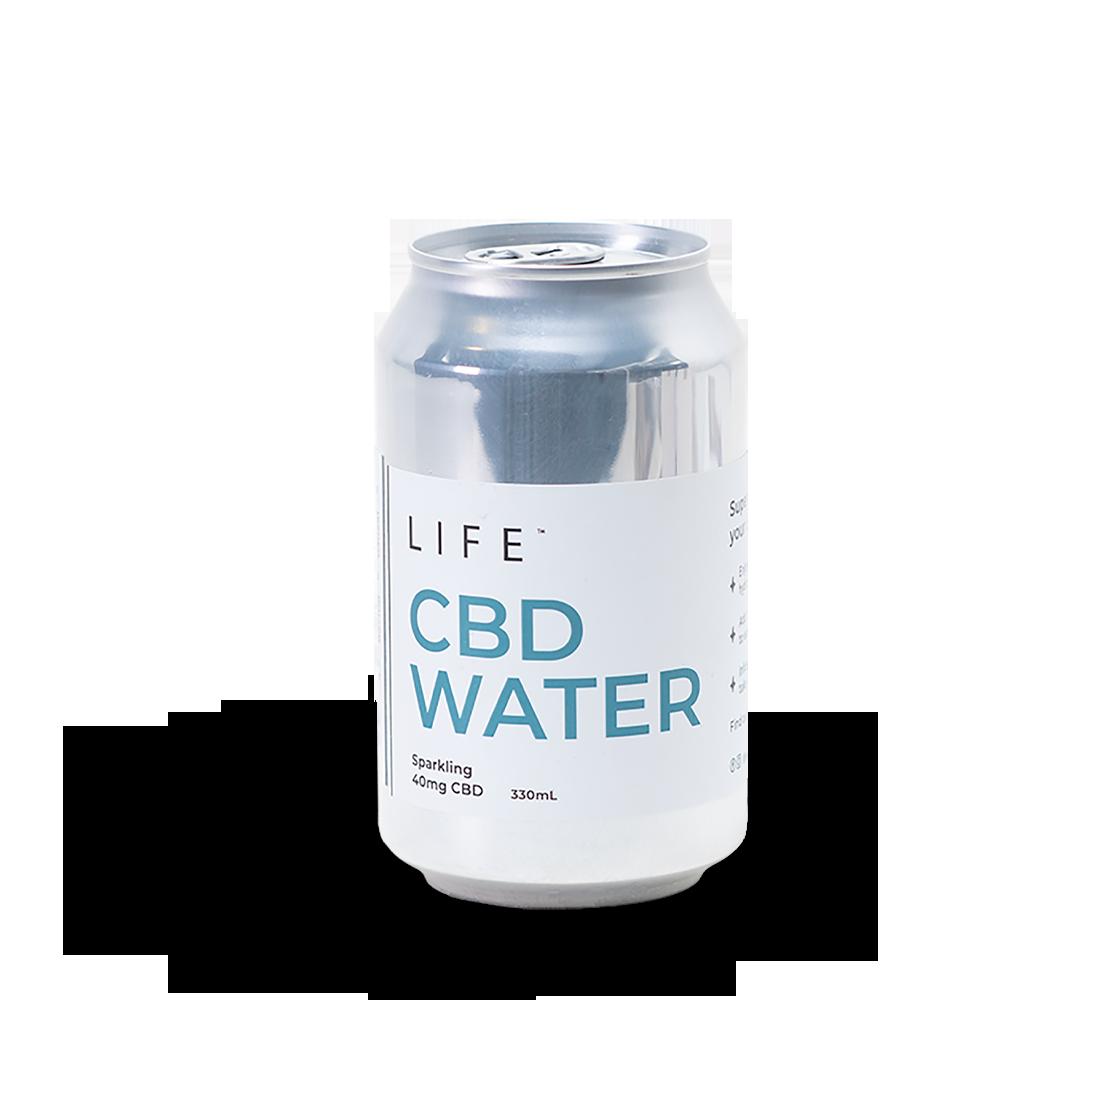 LIFE-CBD-Water_1100x1100px